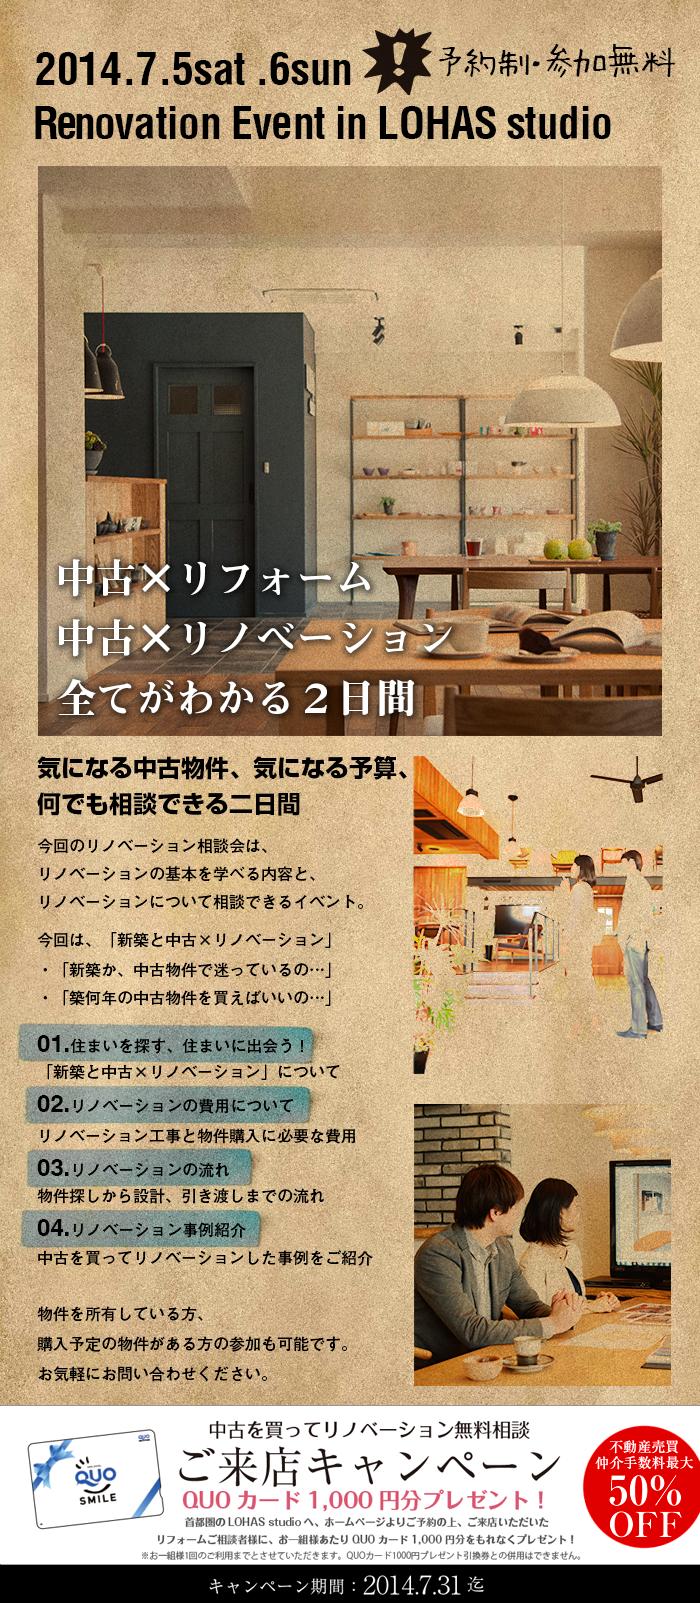 201407yoyaku_event5-6.png